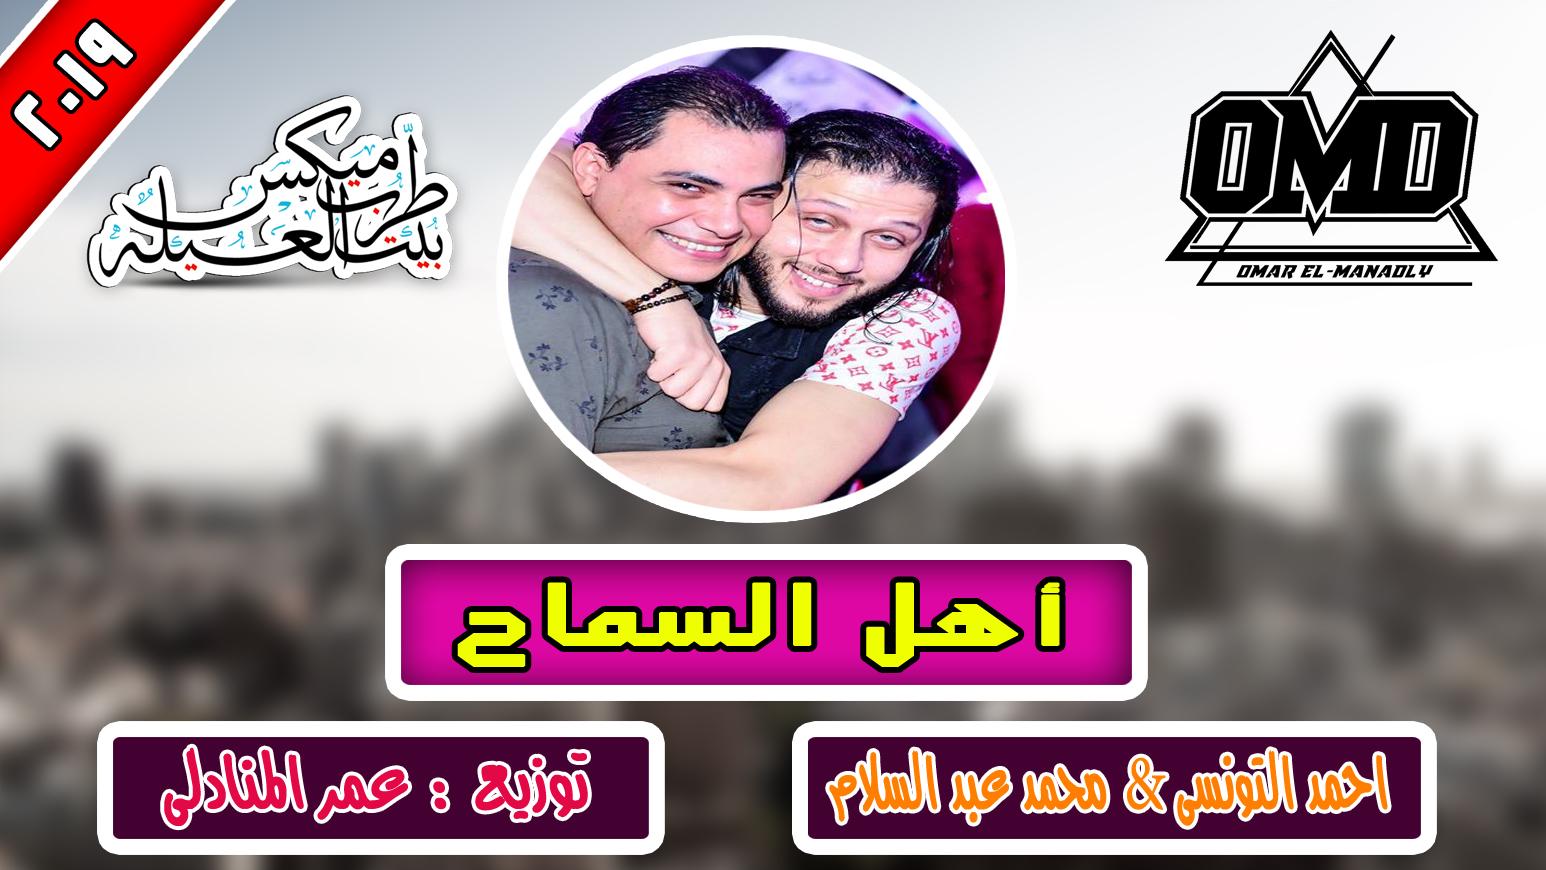 حصريا اغنية اهل السماح 2019 - احمد التونسى ومحمد عبد السلام توزيع درامز عمر المنادلى